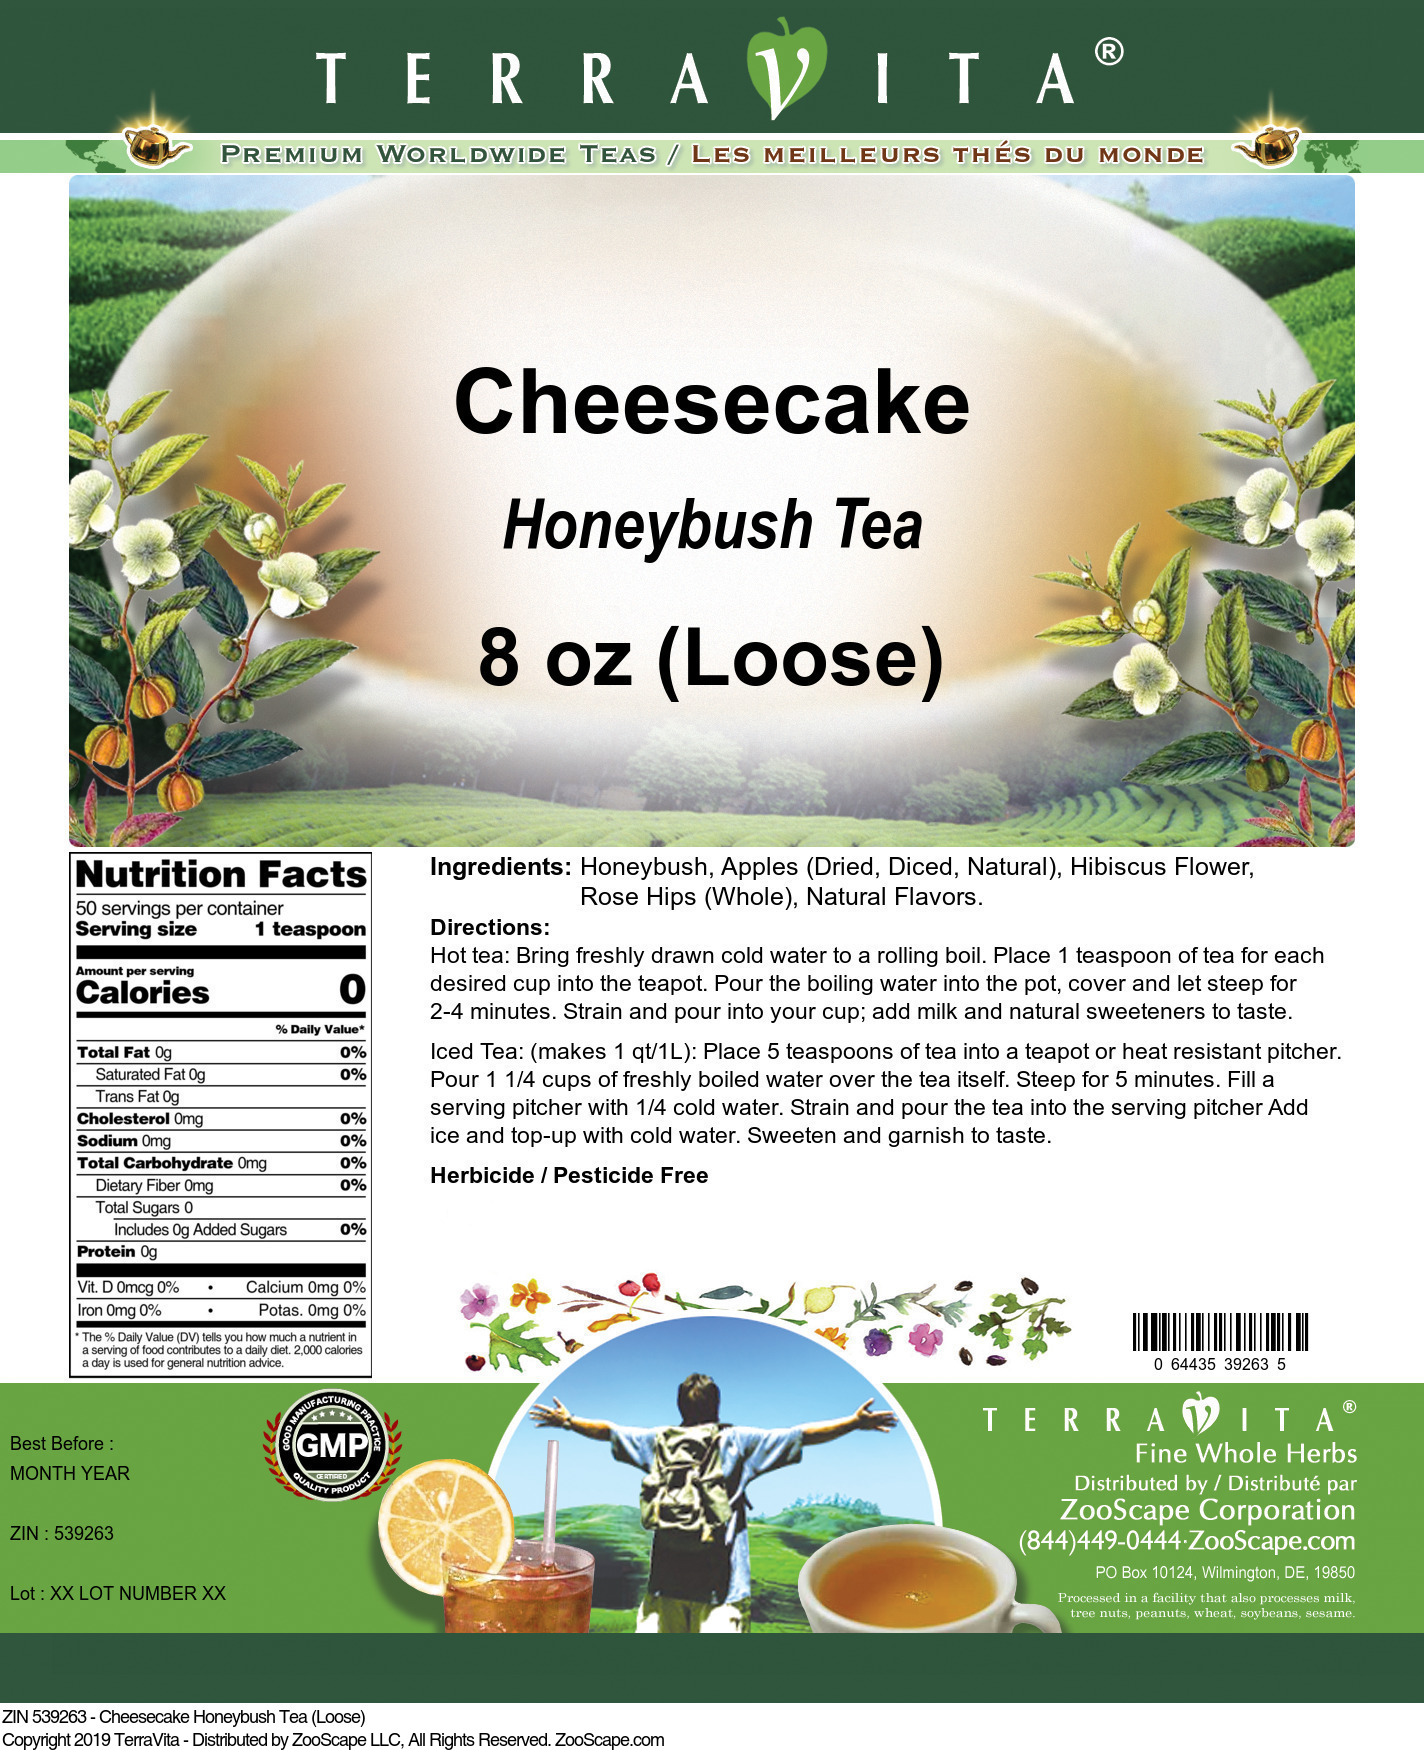 Cheesecake Honeybush Tea